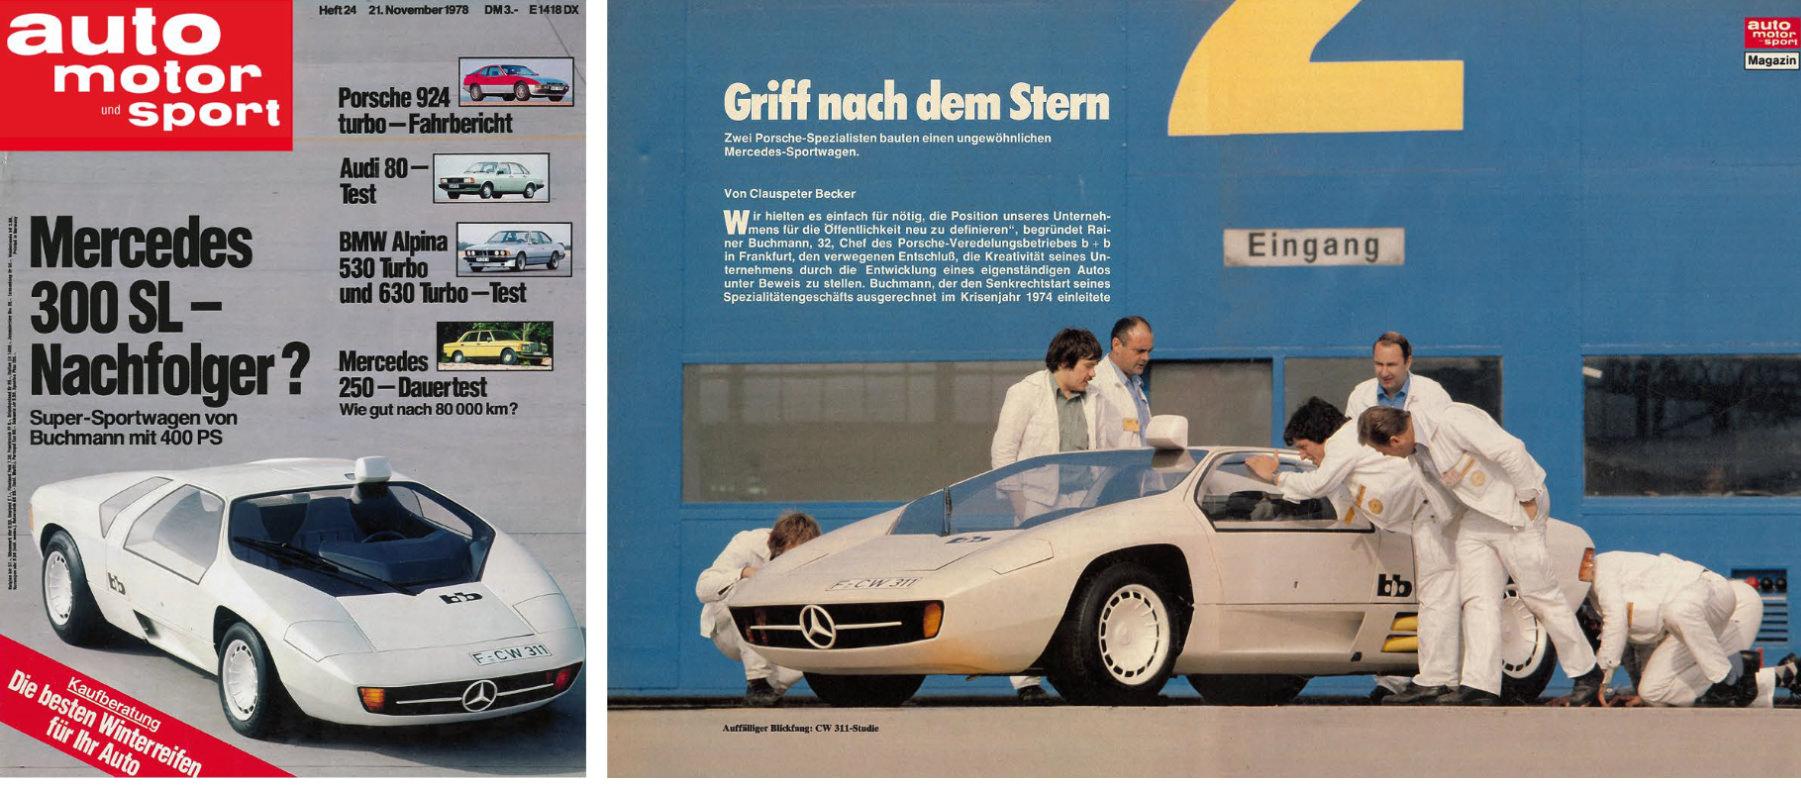 AutoMotor und Sport-Heft 43 - 21.November-1978